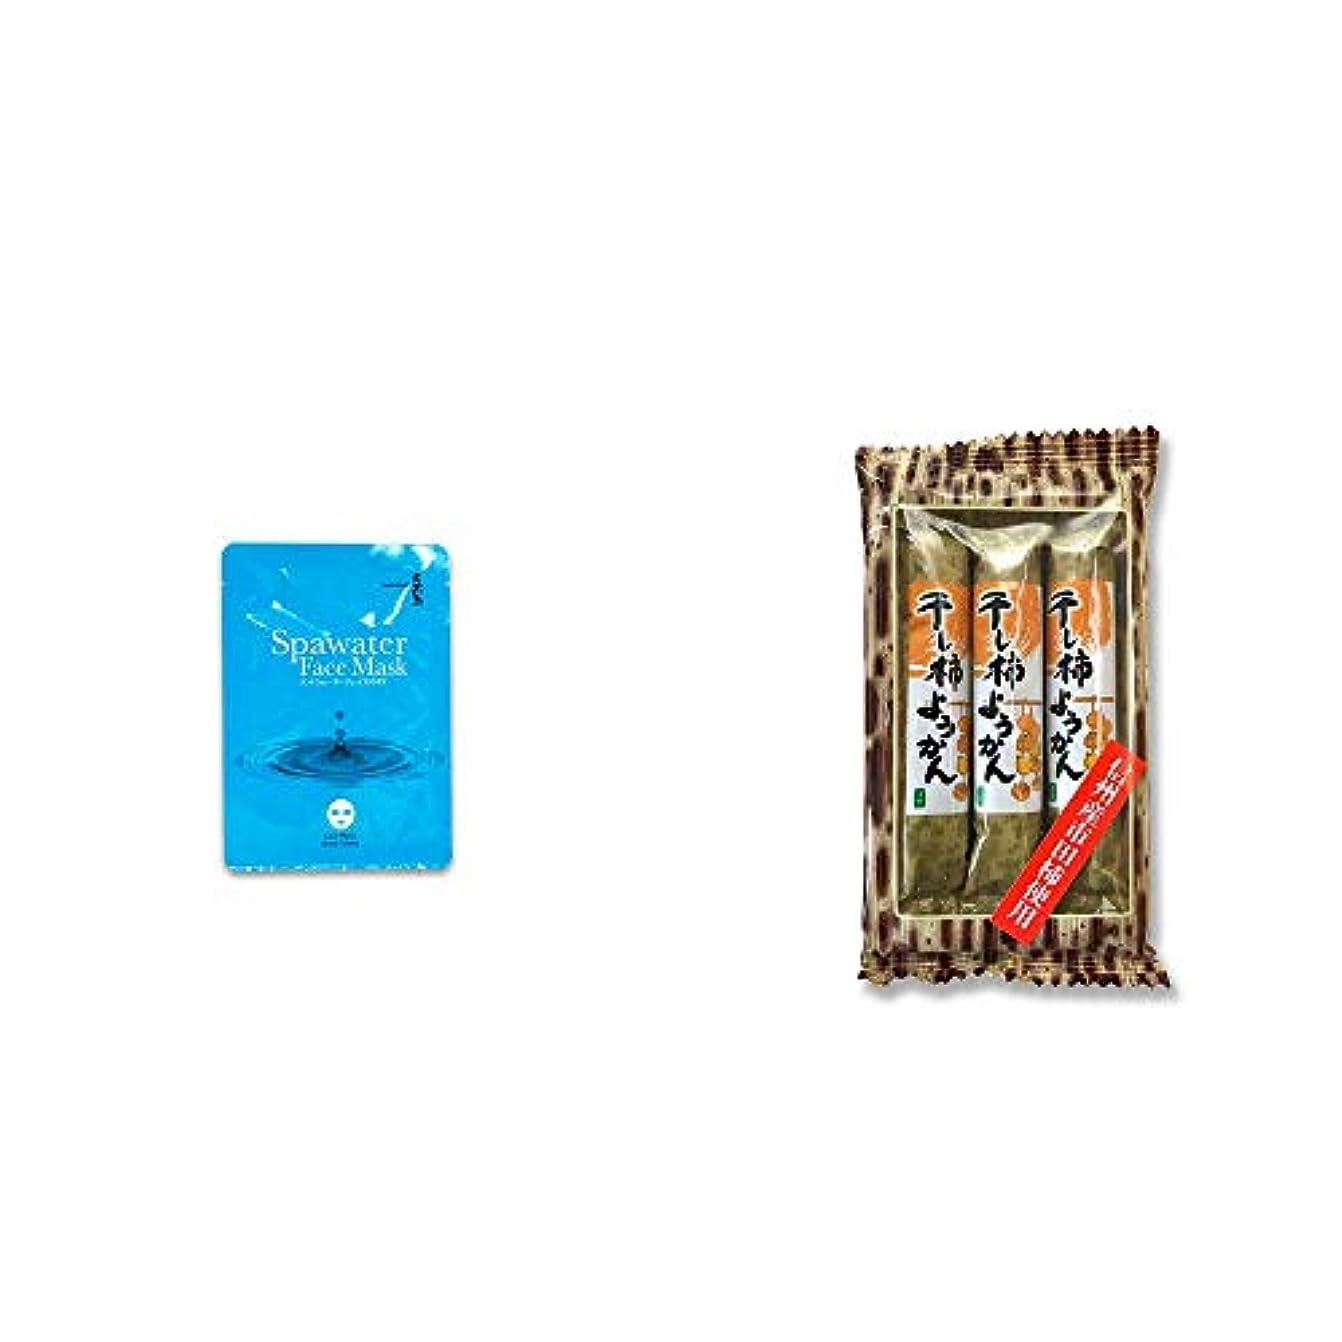 油自発質素な[2点セット] ひのき炭黒泉 スパウォーターフェイスマスク(18ml×3枚入)・信州産市田柿使用 スティックようかん[柿](50g×3本)